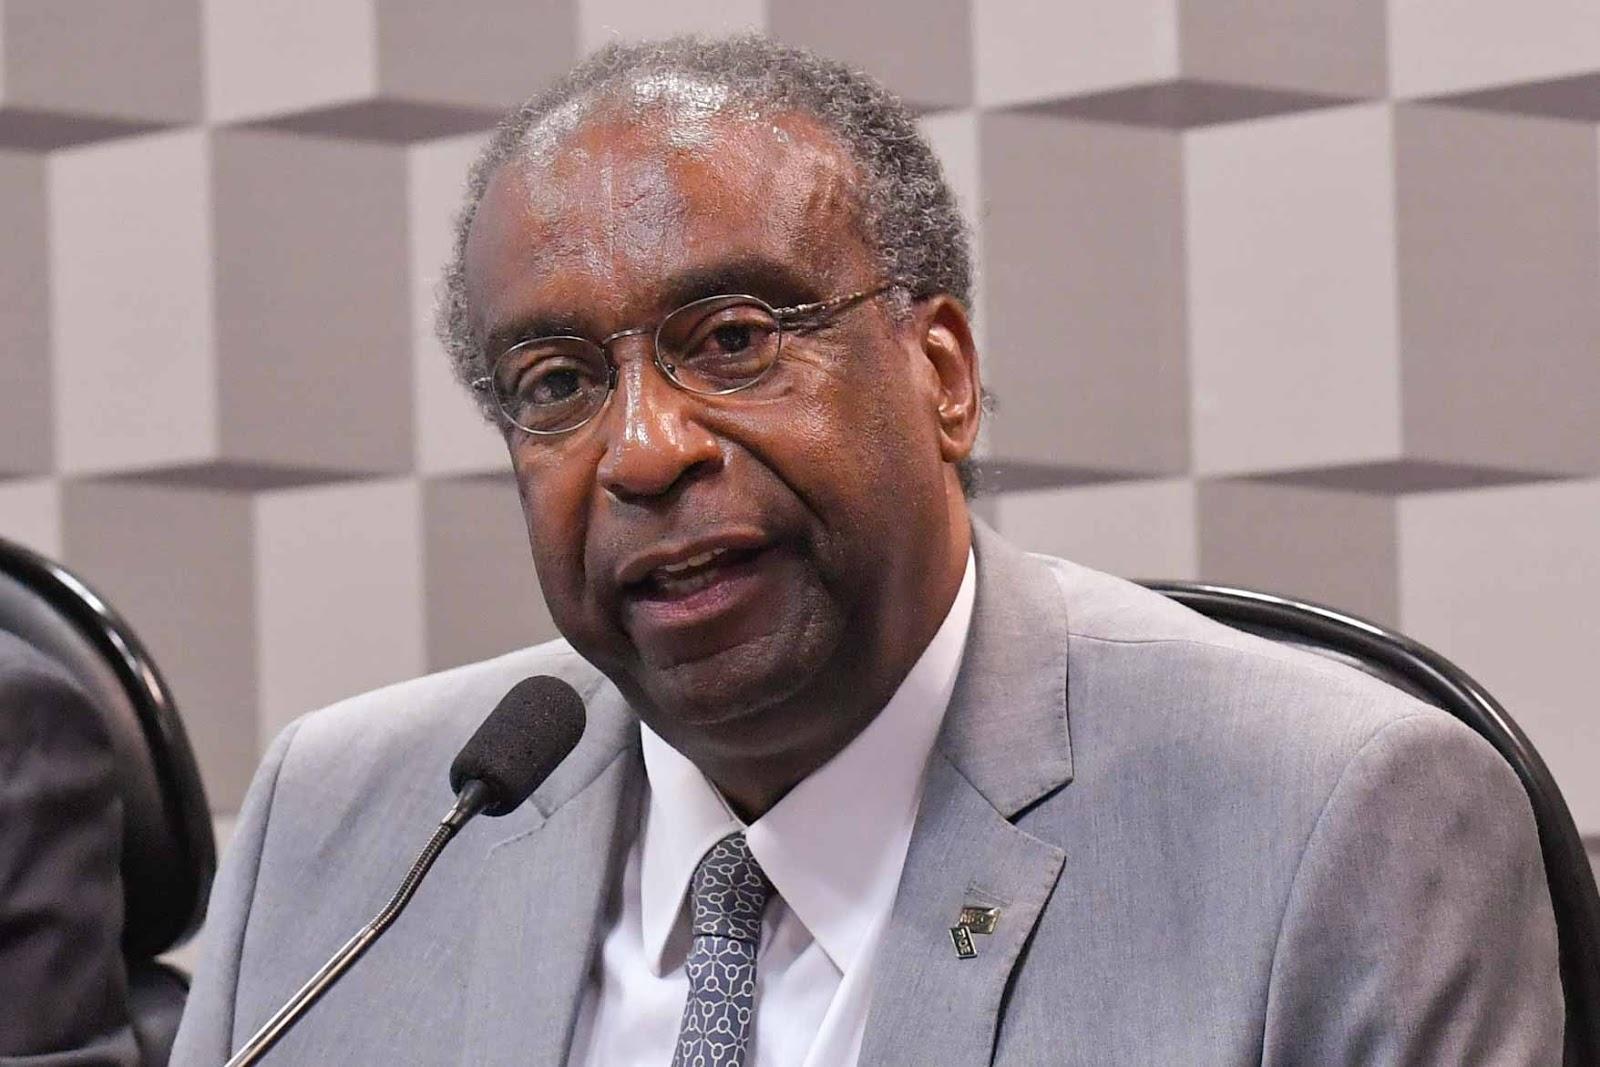 Ministro da Educação deixa o governo após revelações de falsidades em currículo